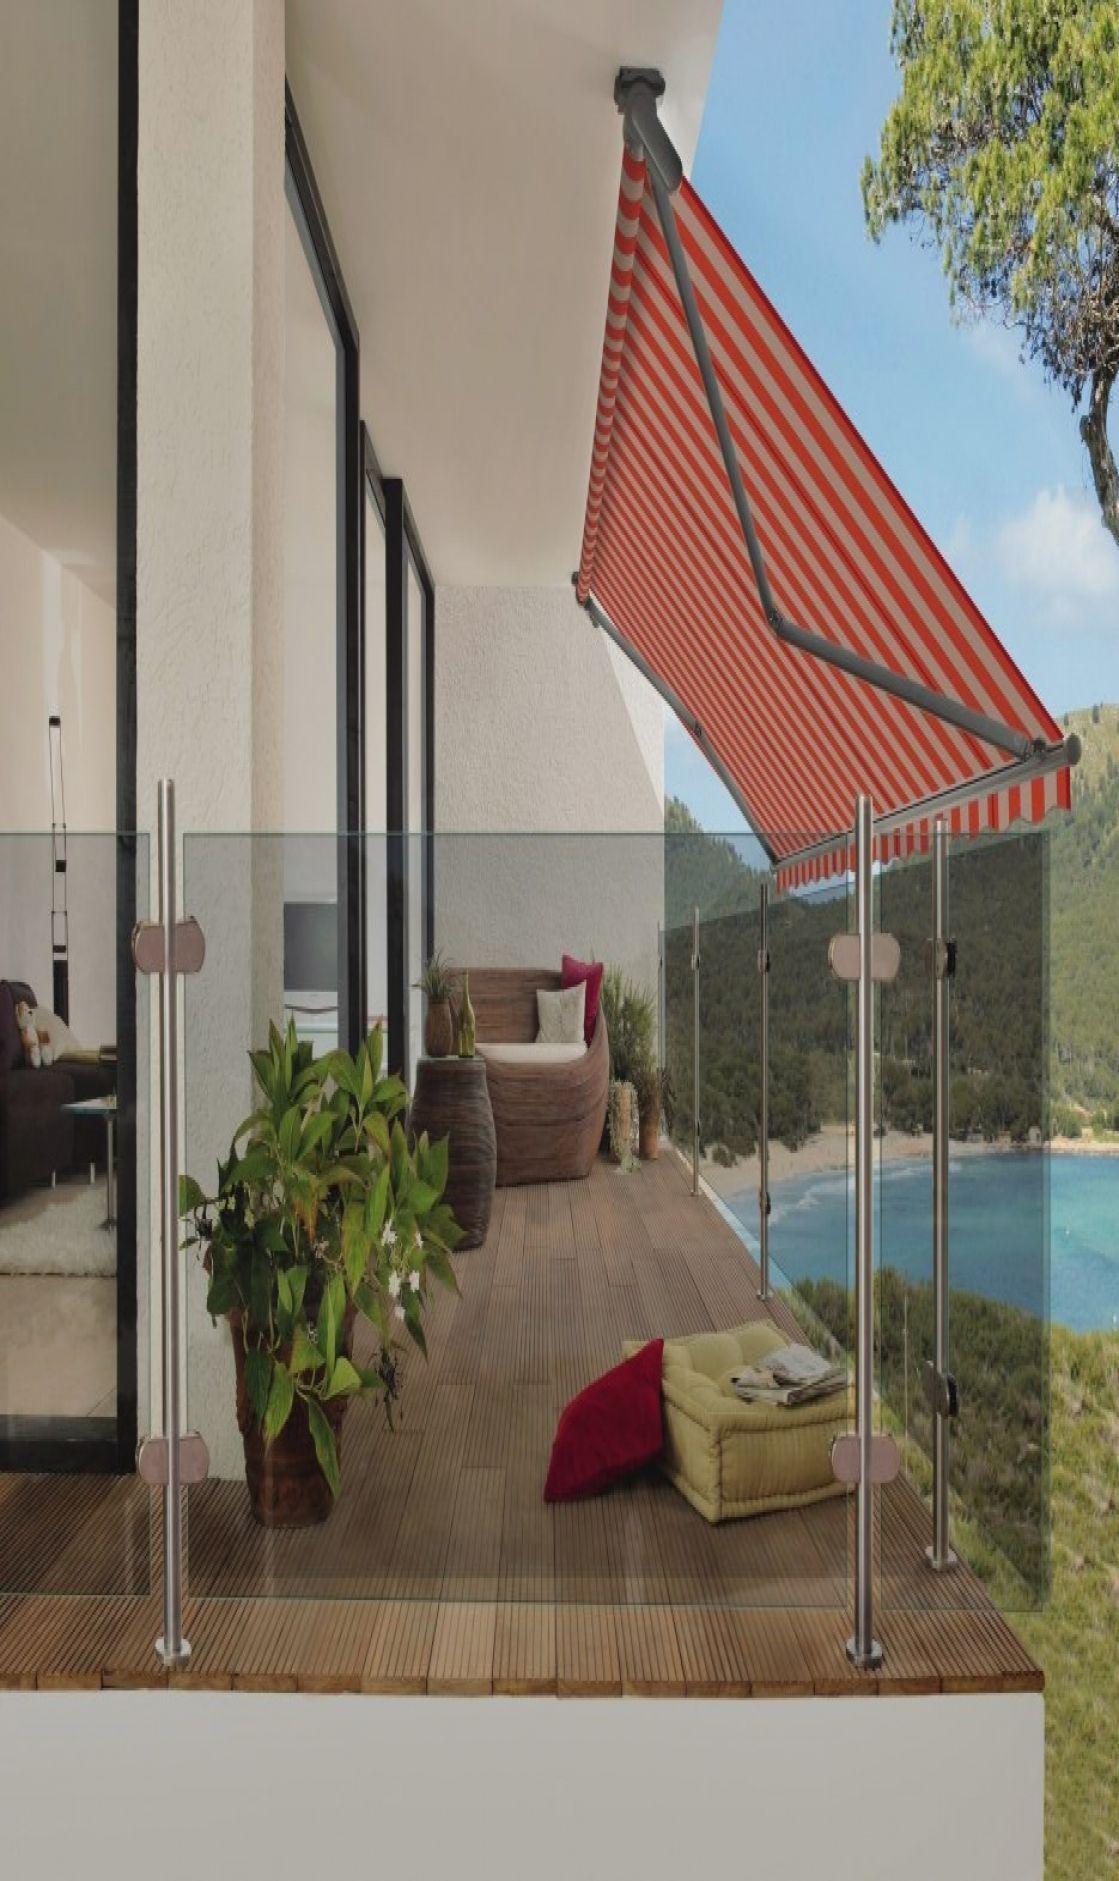 Sichtschutz Balkon Seitlich Ikea – landezuma.be